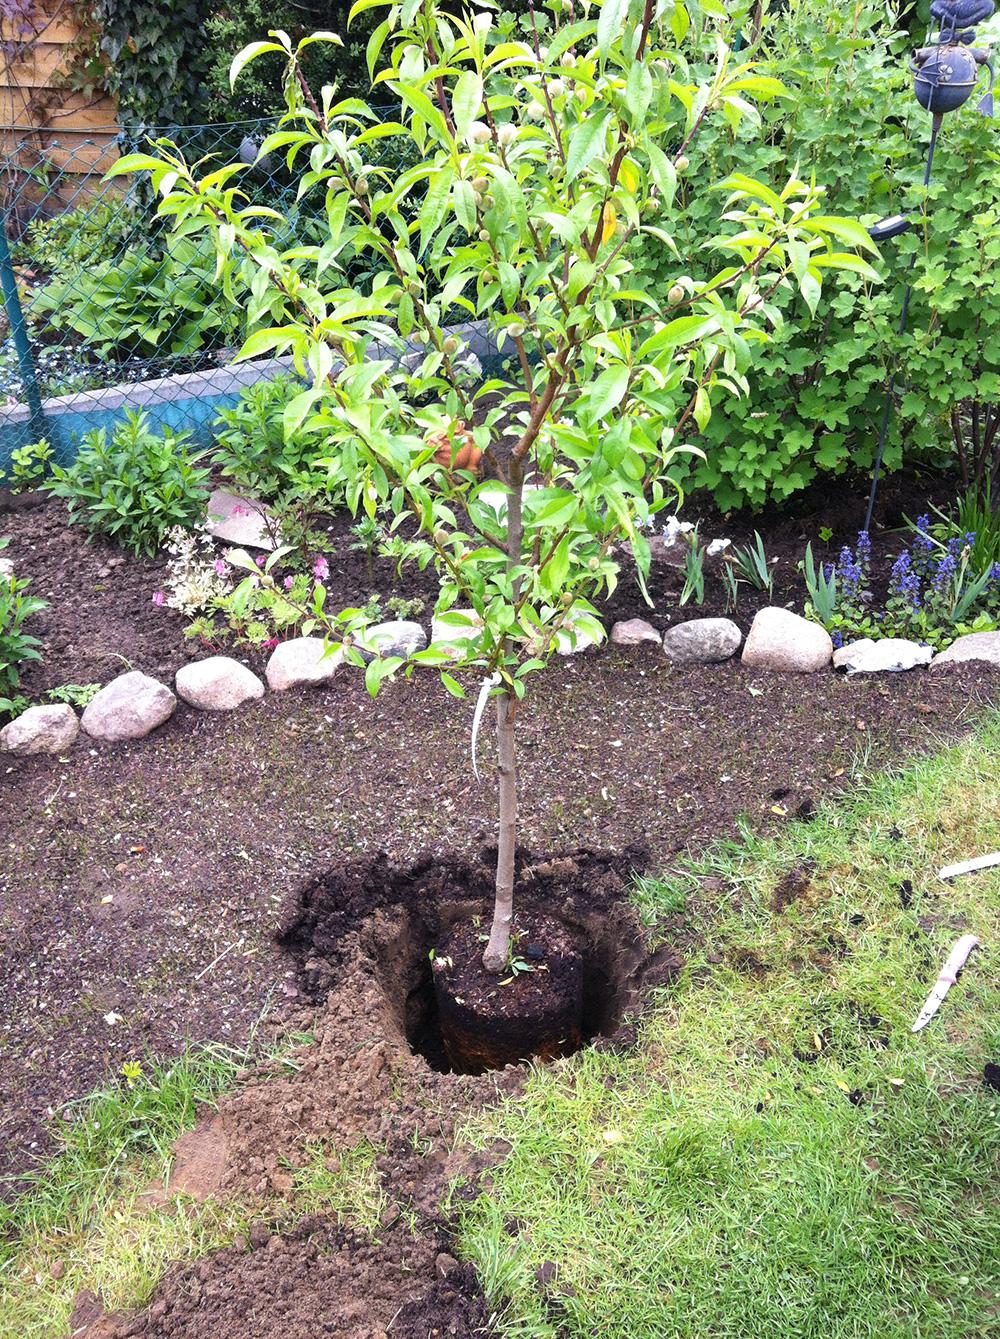 Pfirsichbaum pflanzen kleingarten ideen - Pfirsichbaum im garten ...